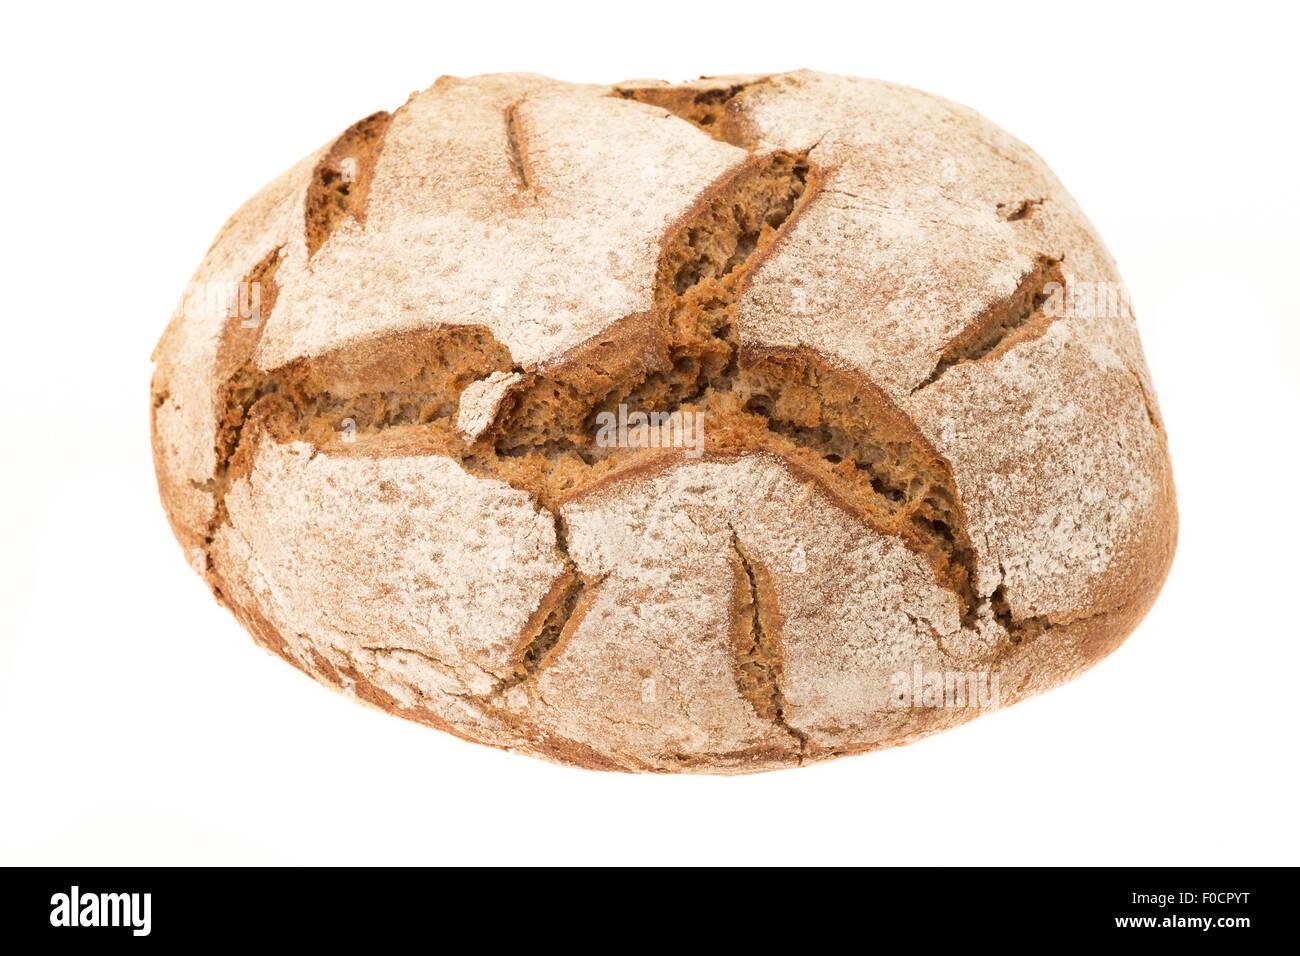 Recién horneados pan de centeno - fondo blanco Imagen De Stock